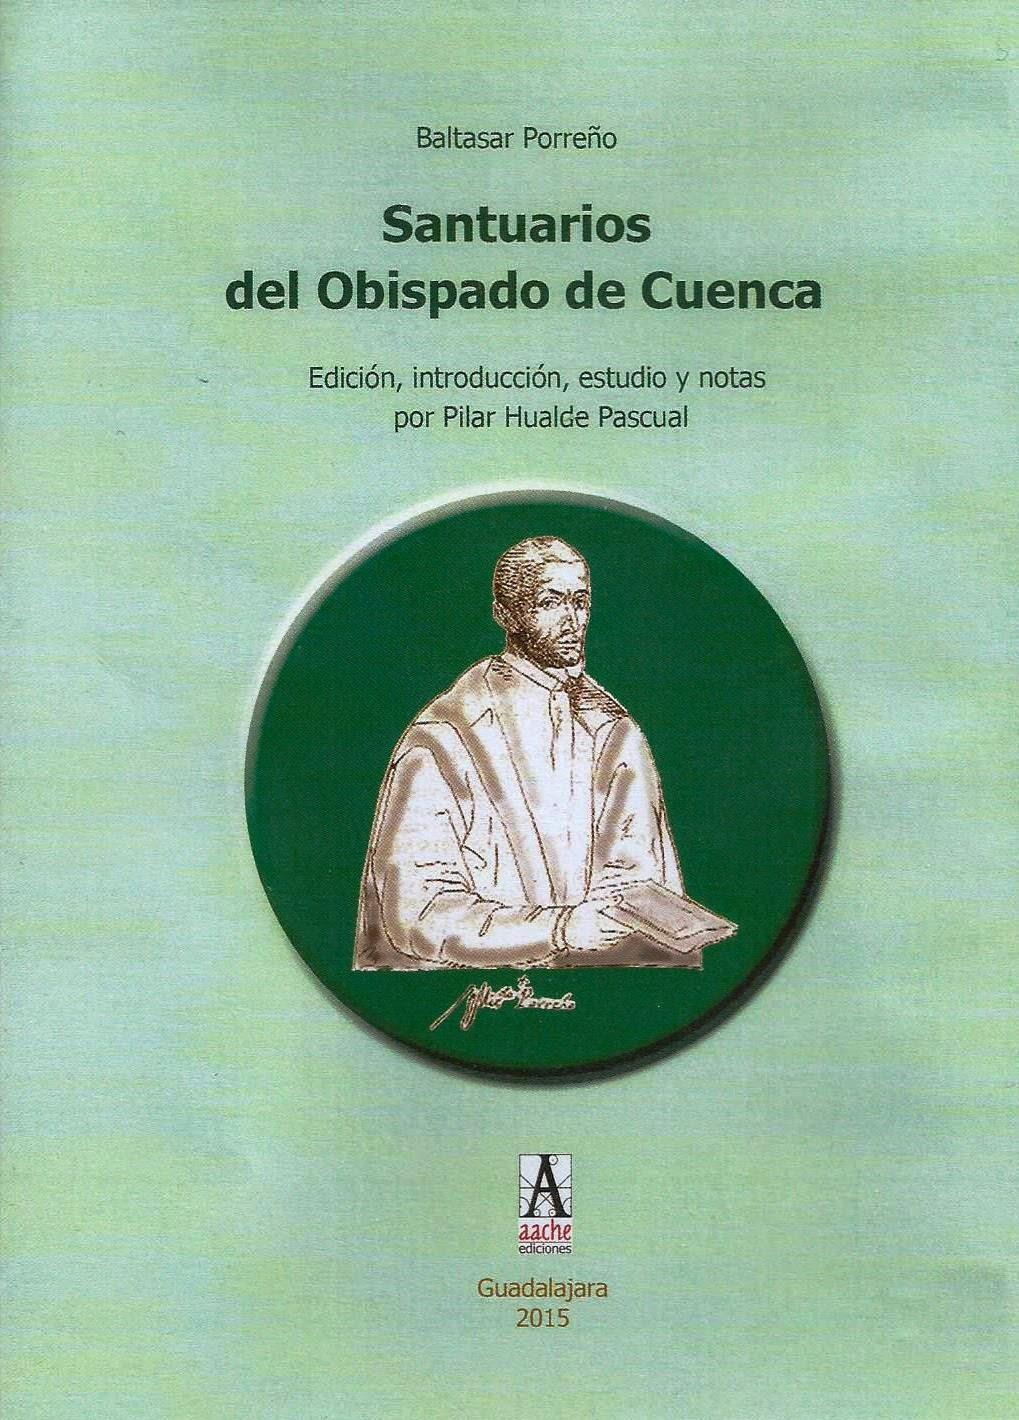 Santuarios del Obispado de Cuenca (Baltasar Porreño)